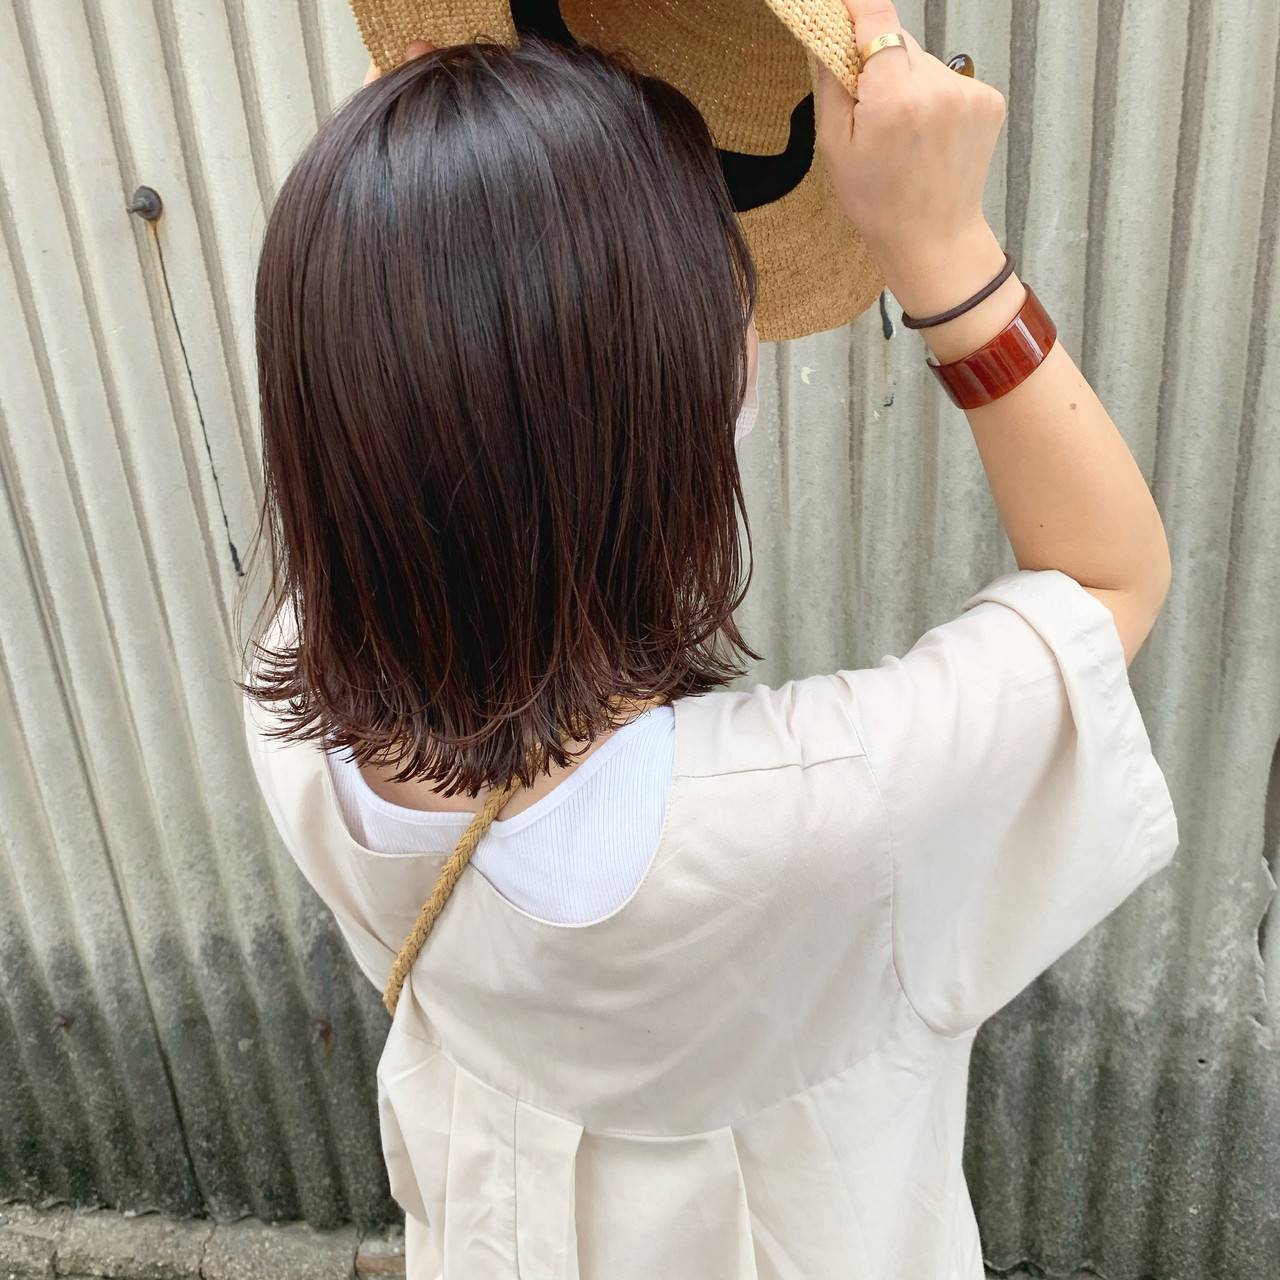 オレンジブラウン オレンジ ガーリー 暖色ヘアスタイルや髪型の写真・画像